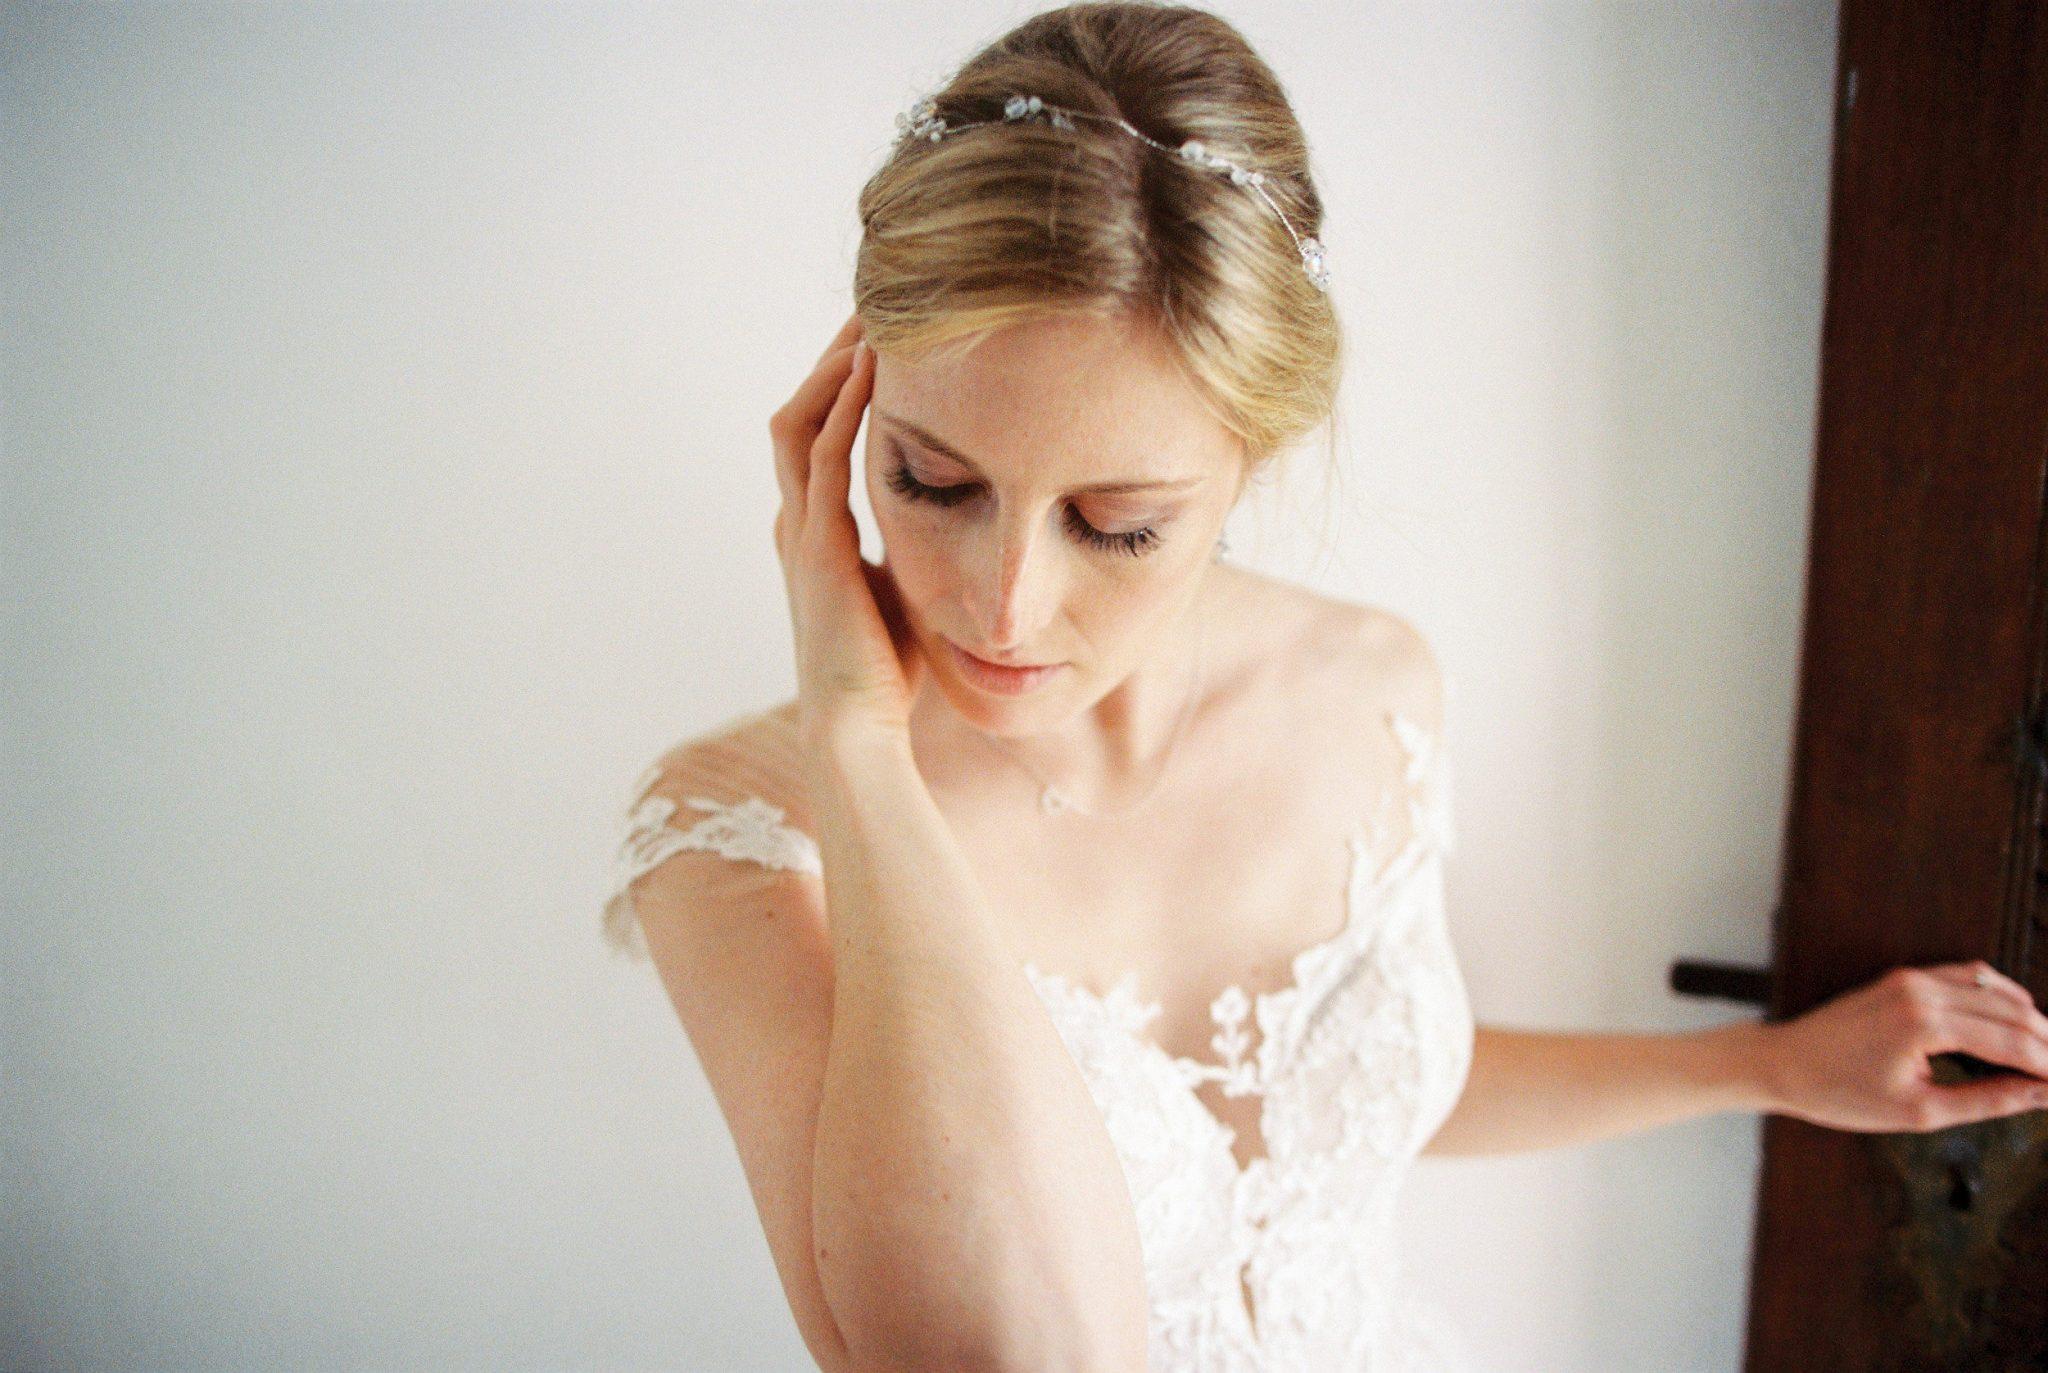 Foto: Birgit Hart Hochzeit Styling Haare Make-up Munich wedding hair makeup bridal